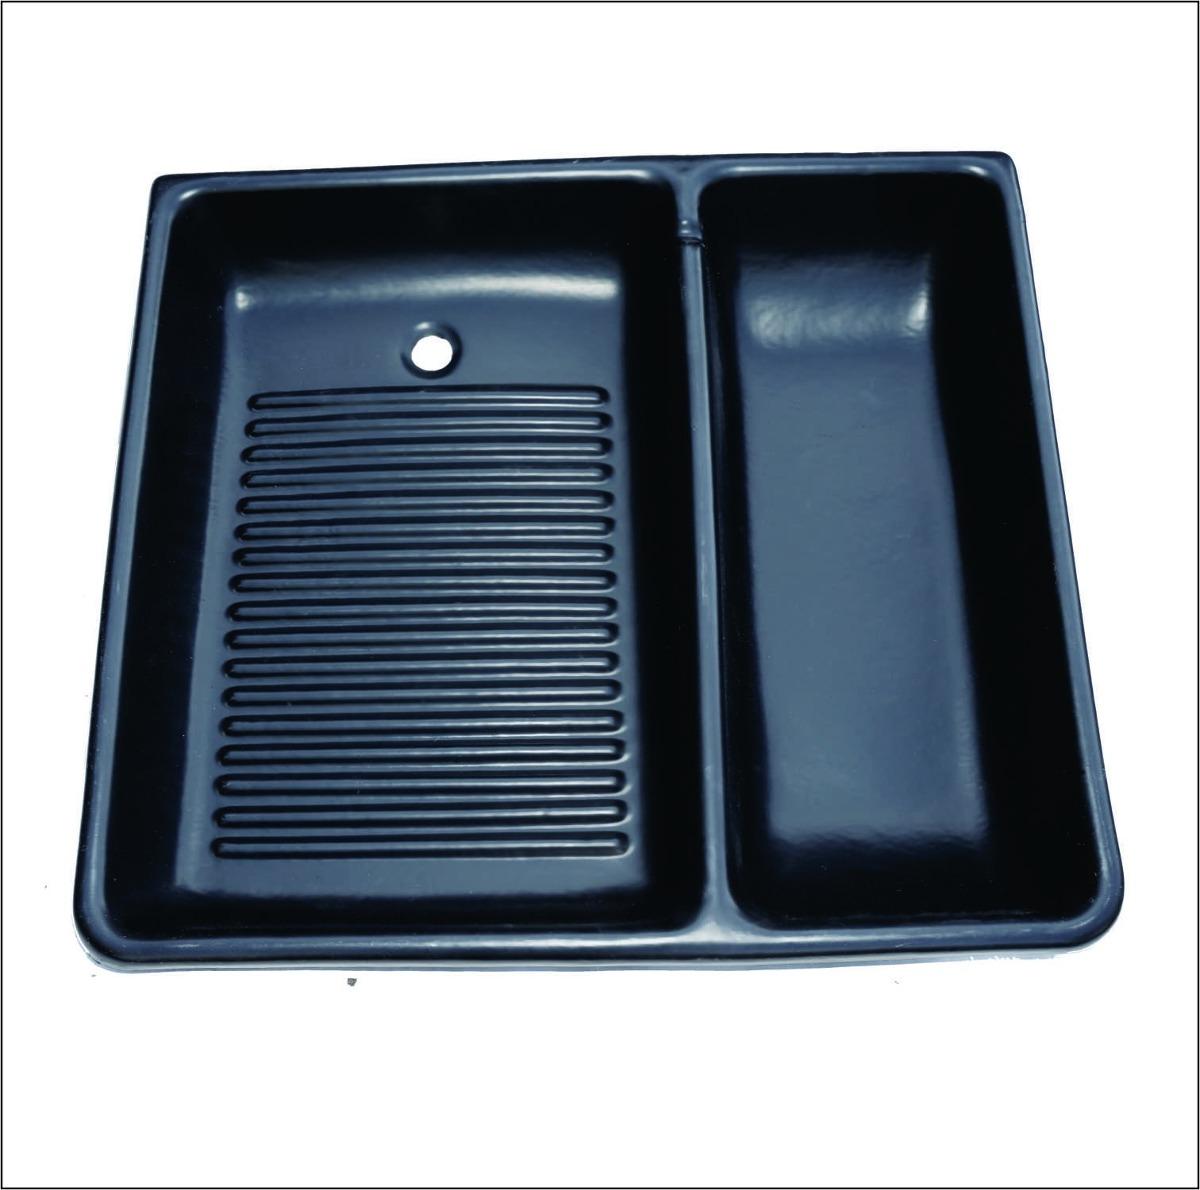 Lavadero plastico pileta super resistente garantia 15 a os for Fotos de piletas de material